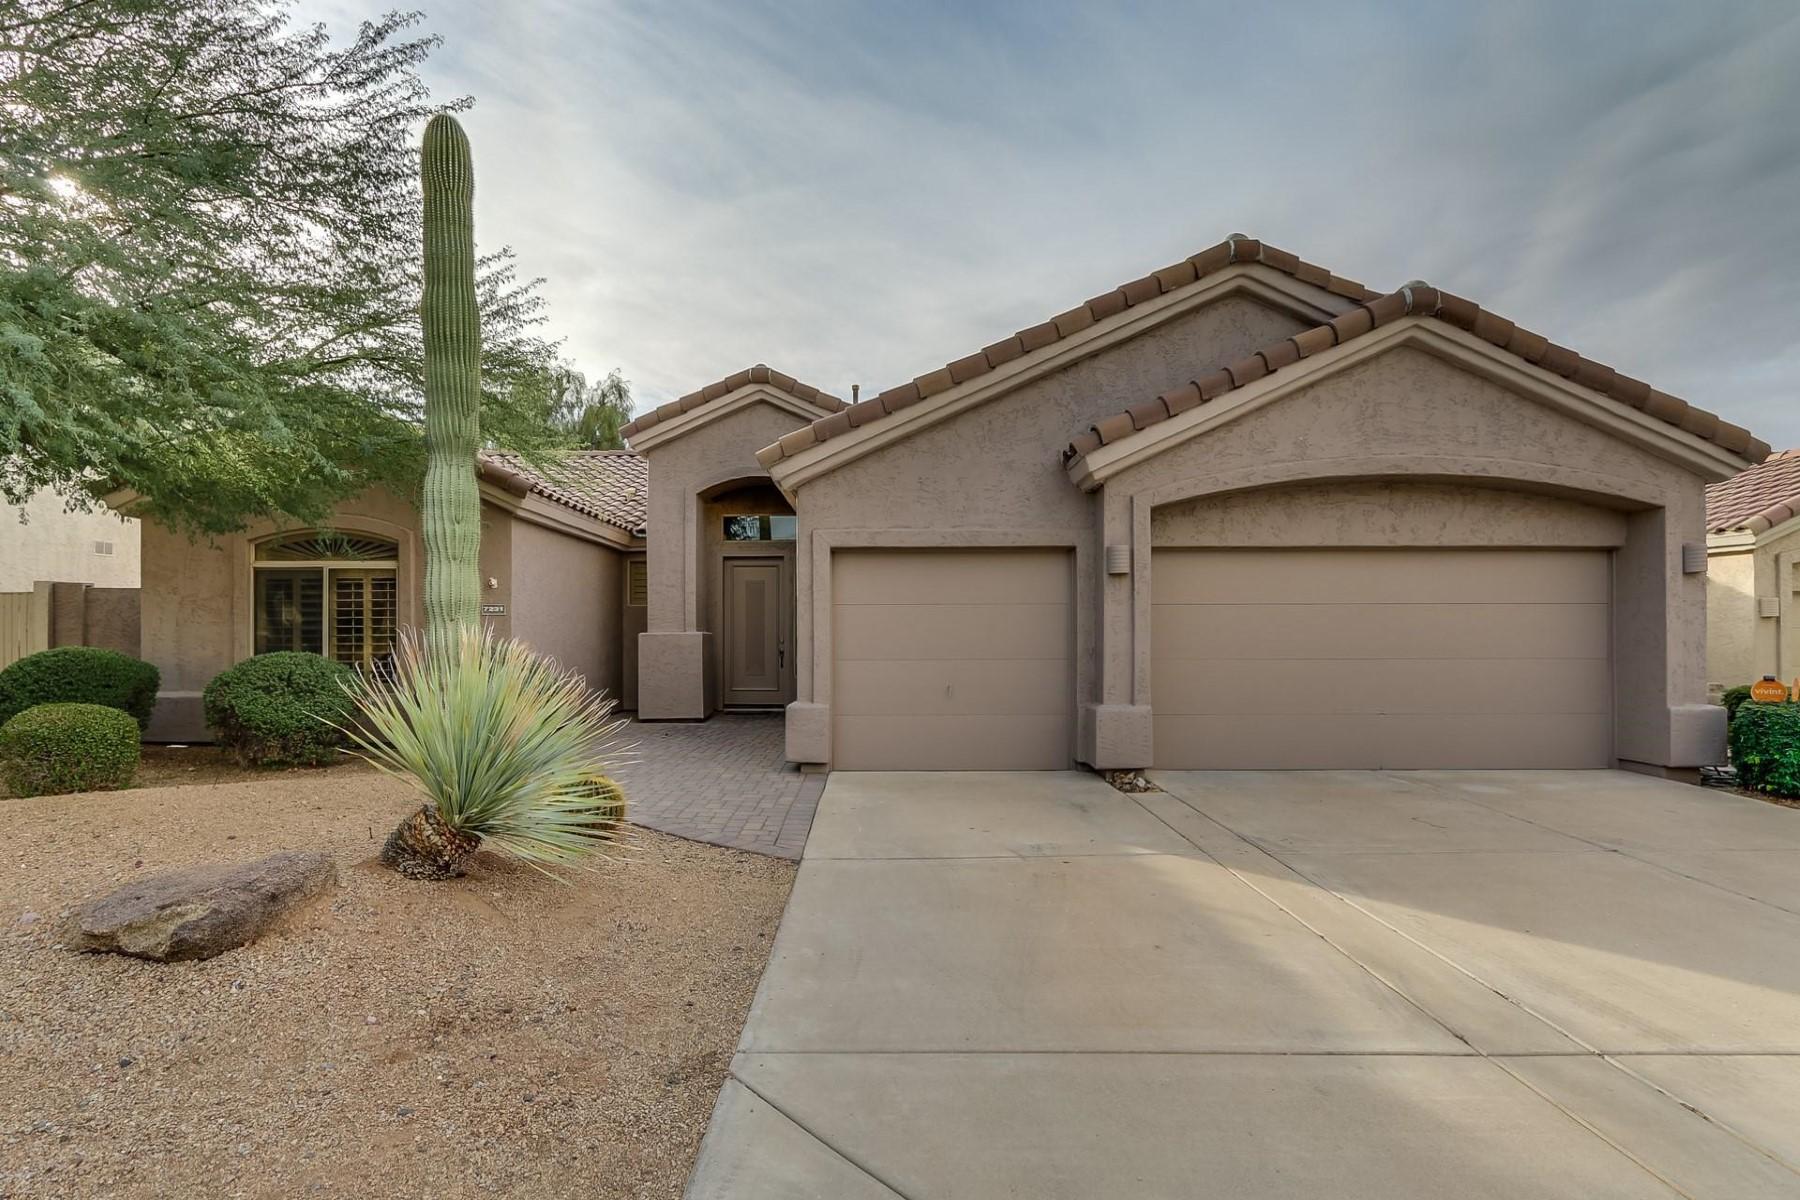 Einfamilienhaus für Verkauf beim Remodeled Grayhawk single level in Monterey Park 7231 E Tailfeather Dr Scottsdale, Arizona, 85255 Vereinigte Staaten